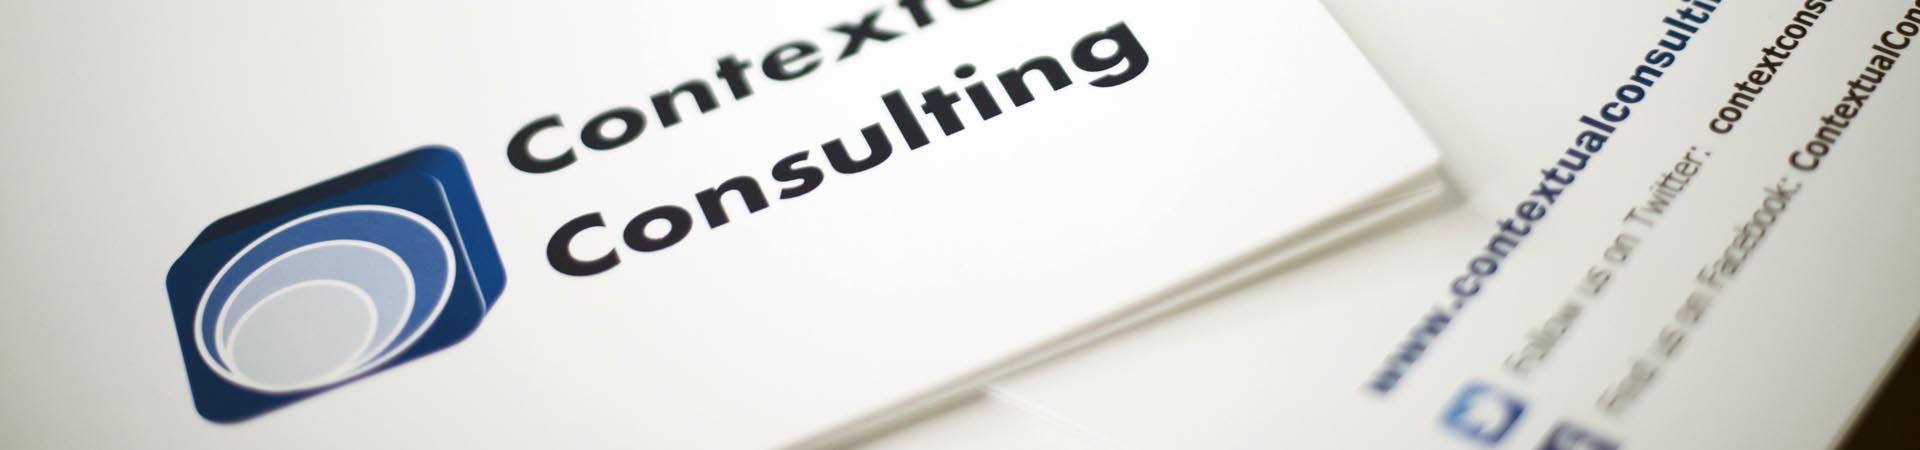 Contact Contextual Consulting